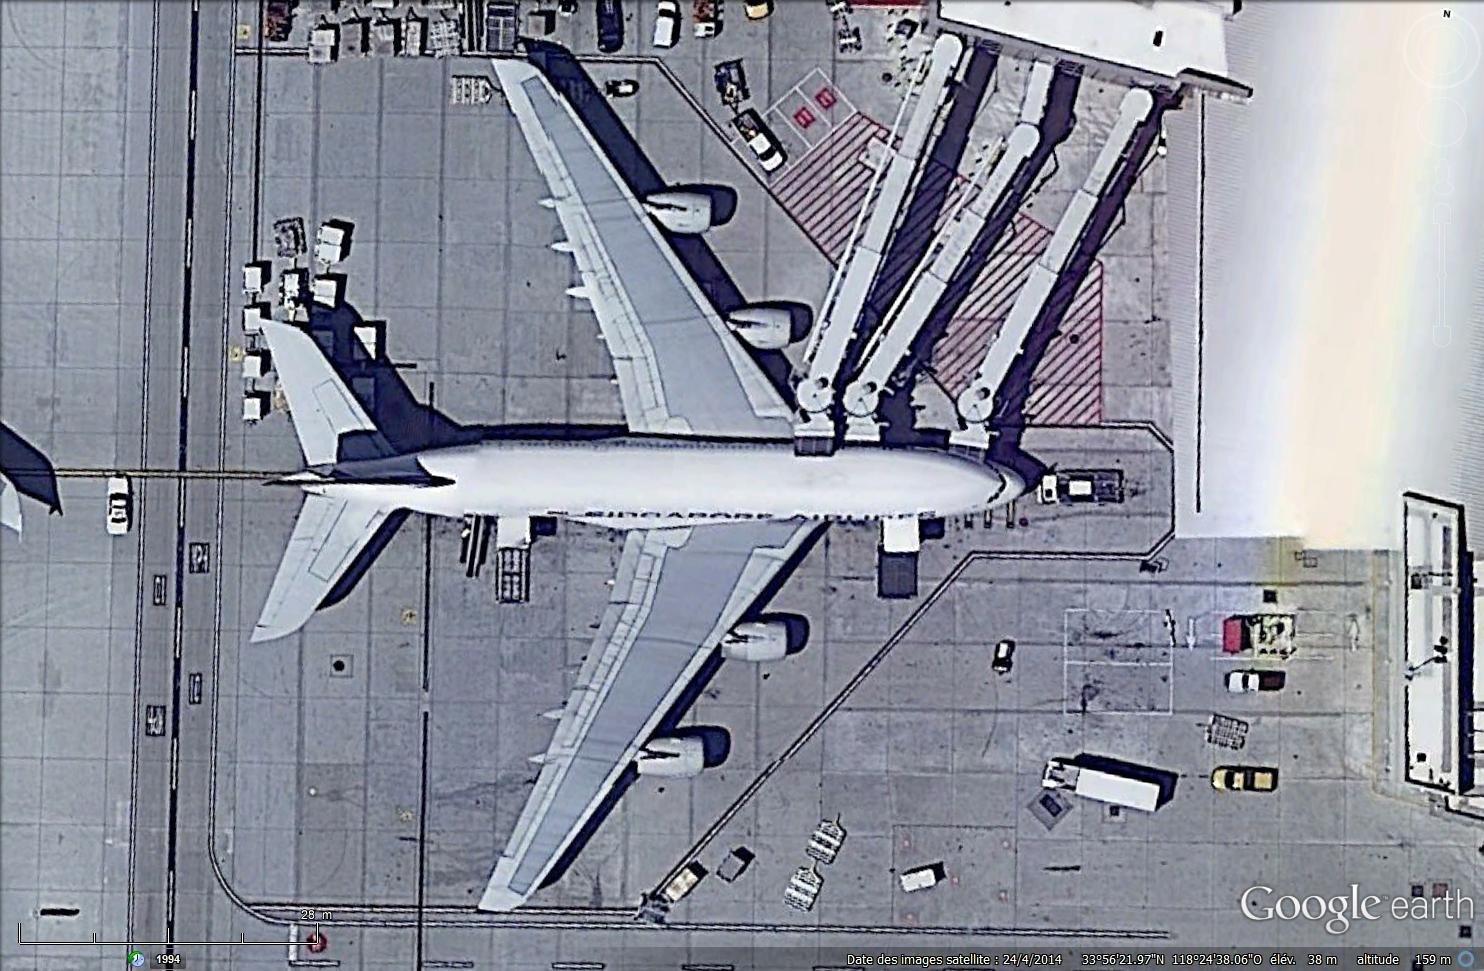 Des nouvelles de l'Airbus A380 - Page 10 Sans_t99